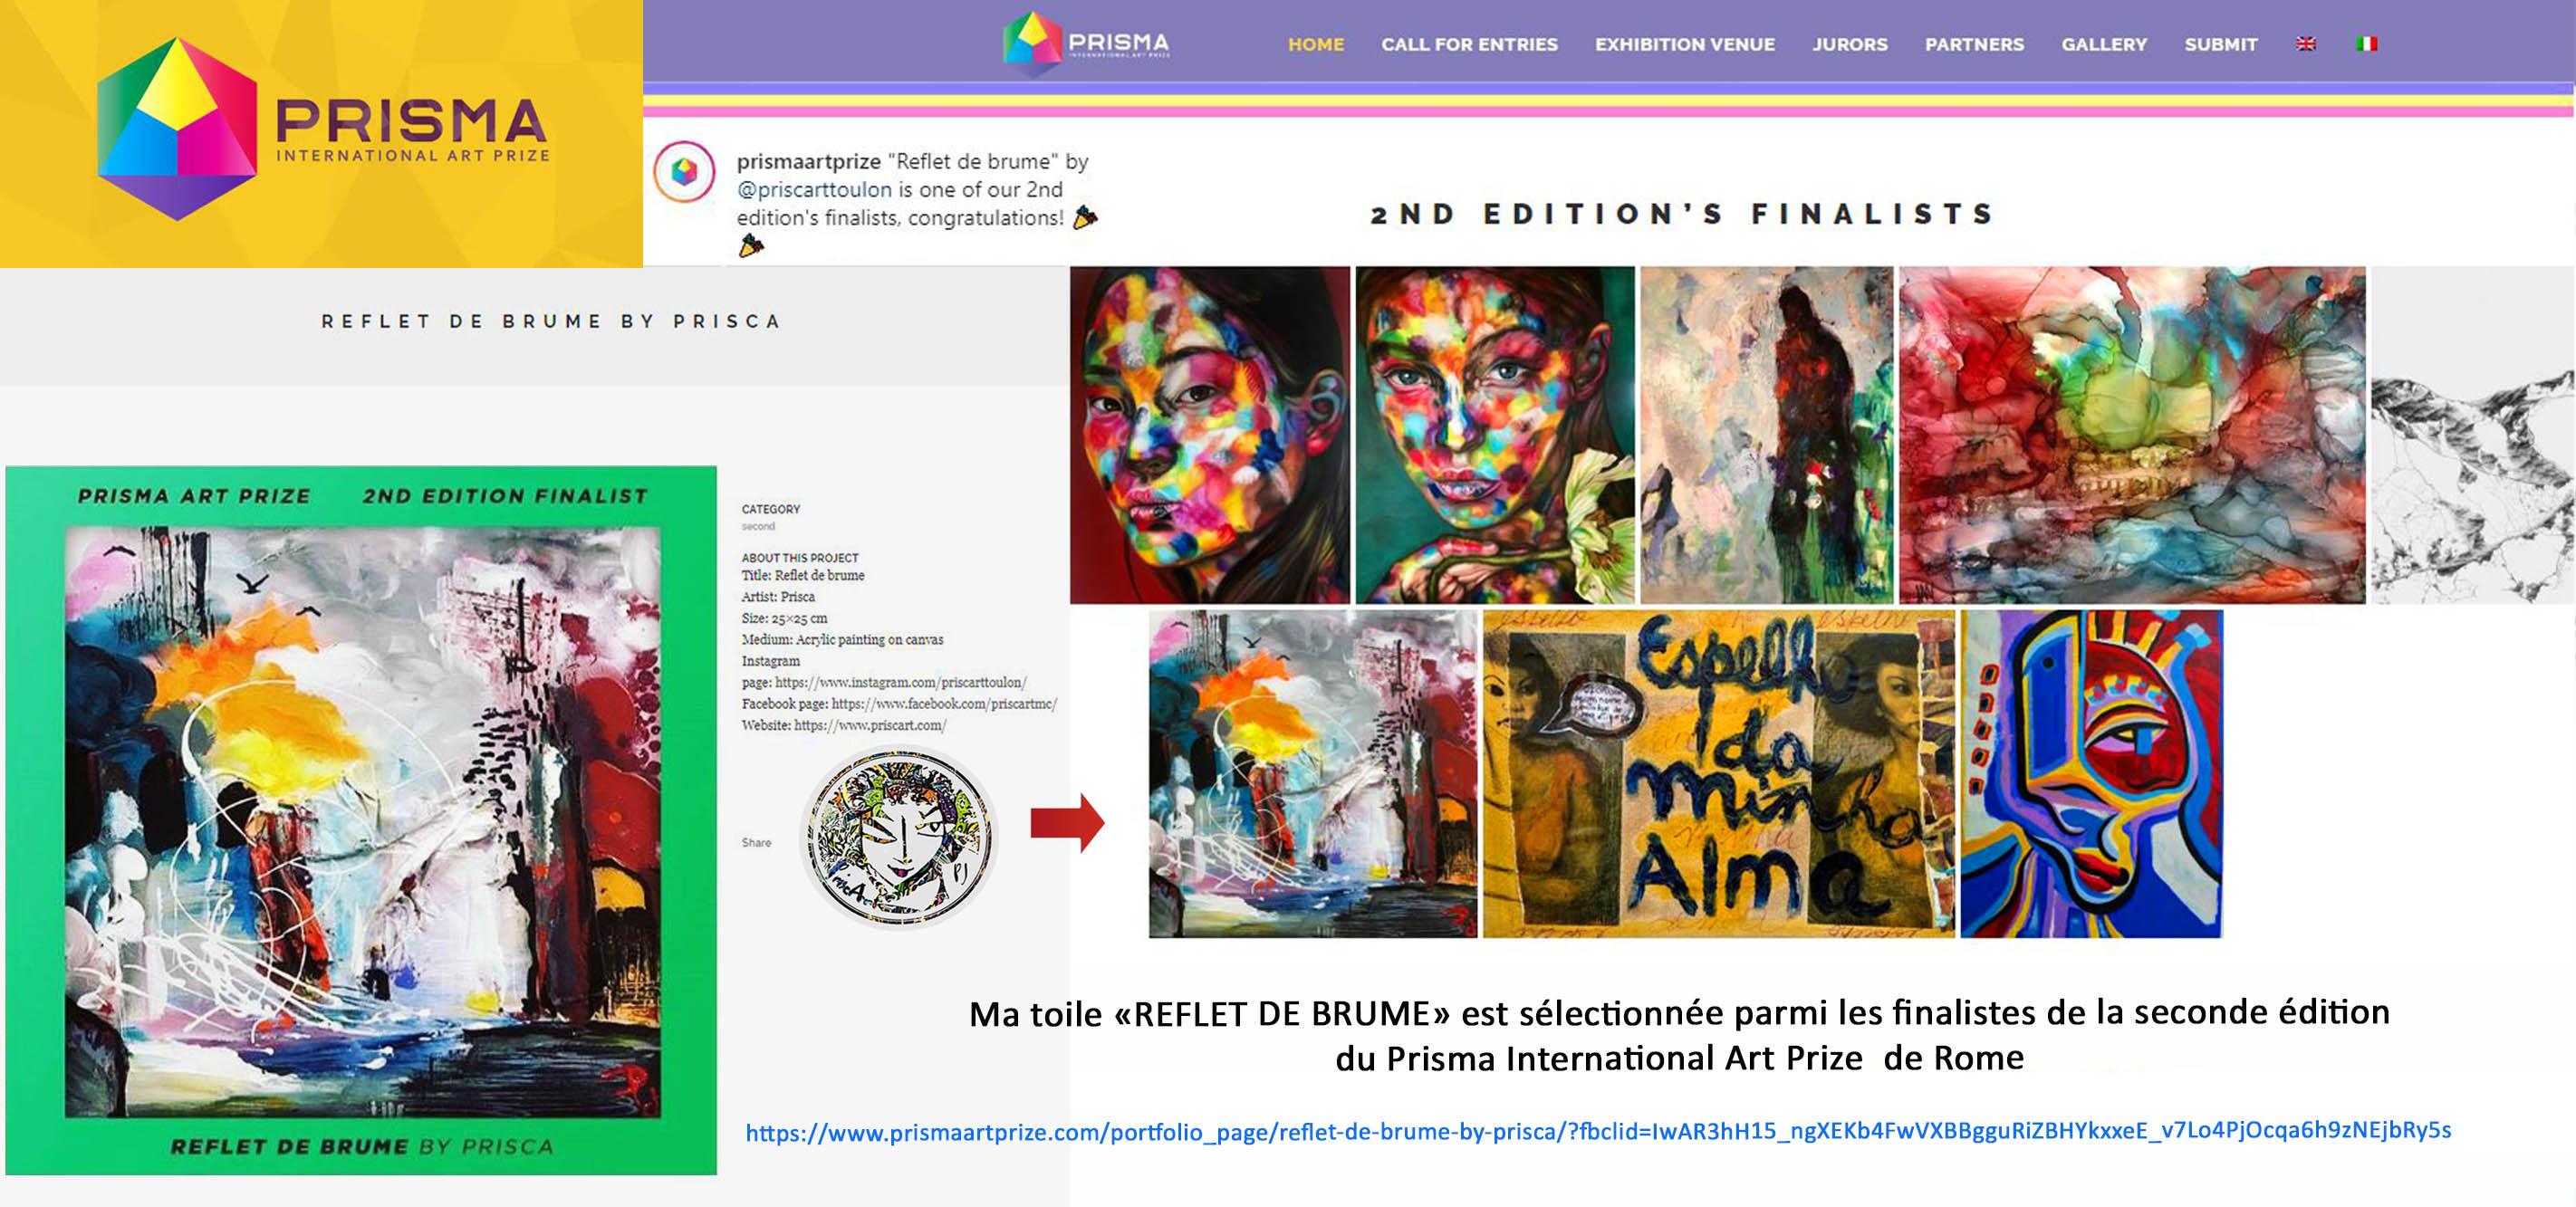 banniere PRISMA ART PRIZE ROME V2